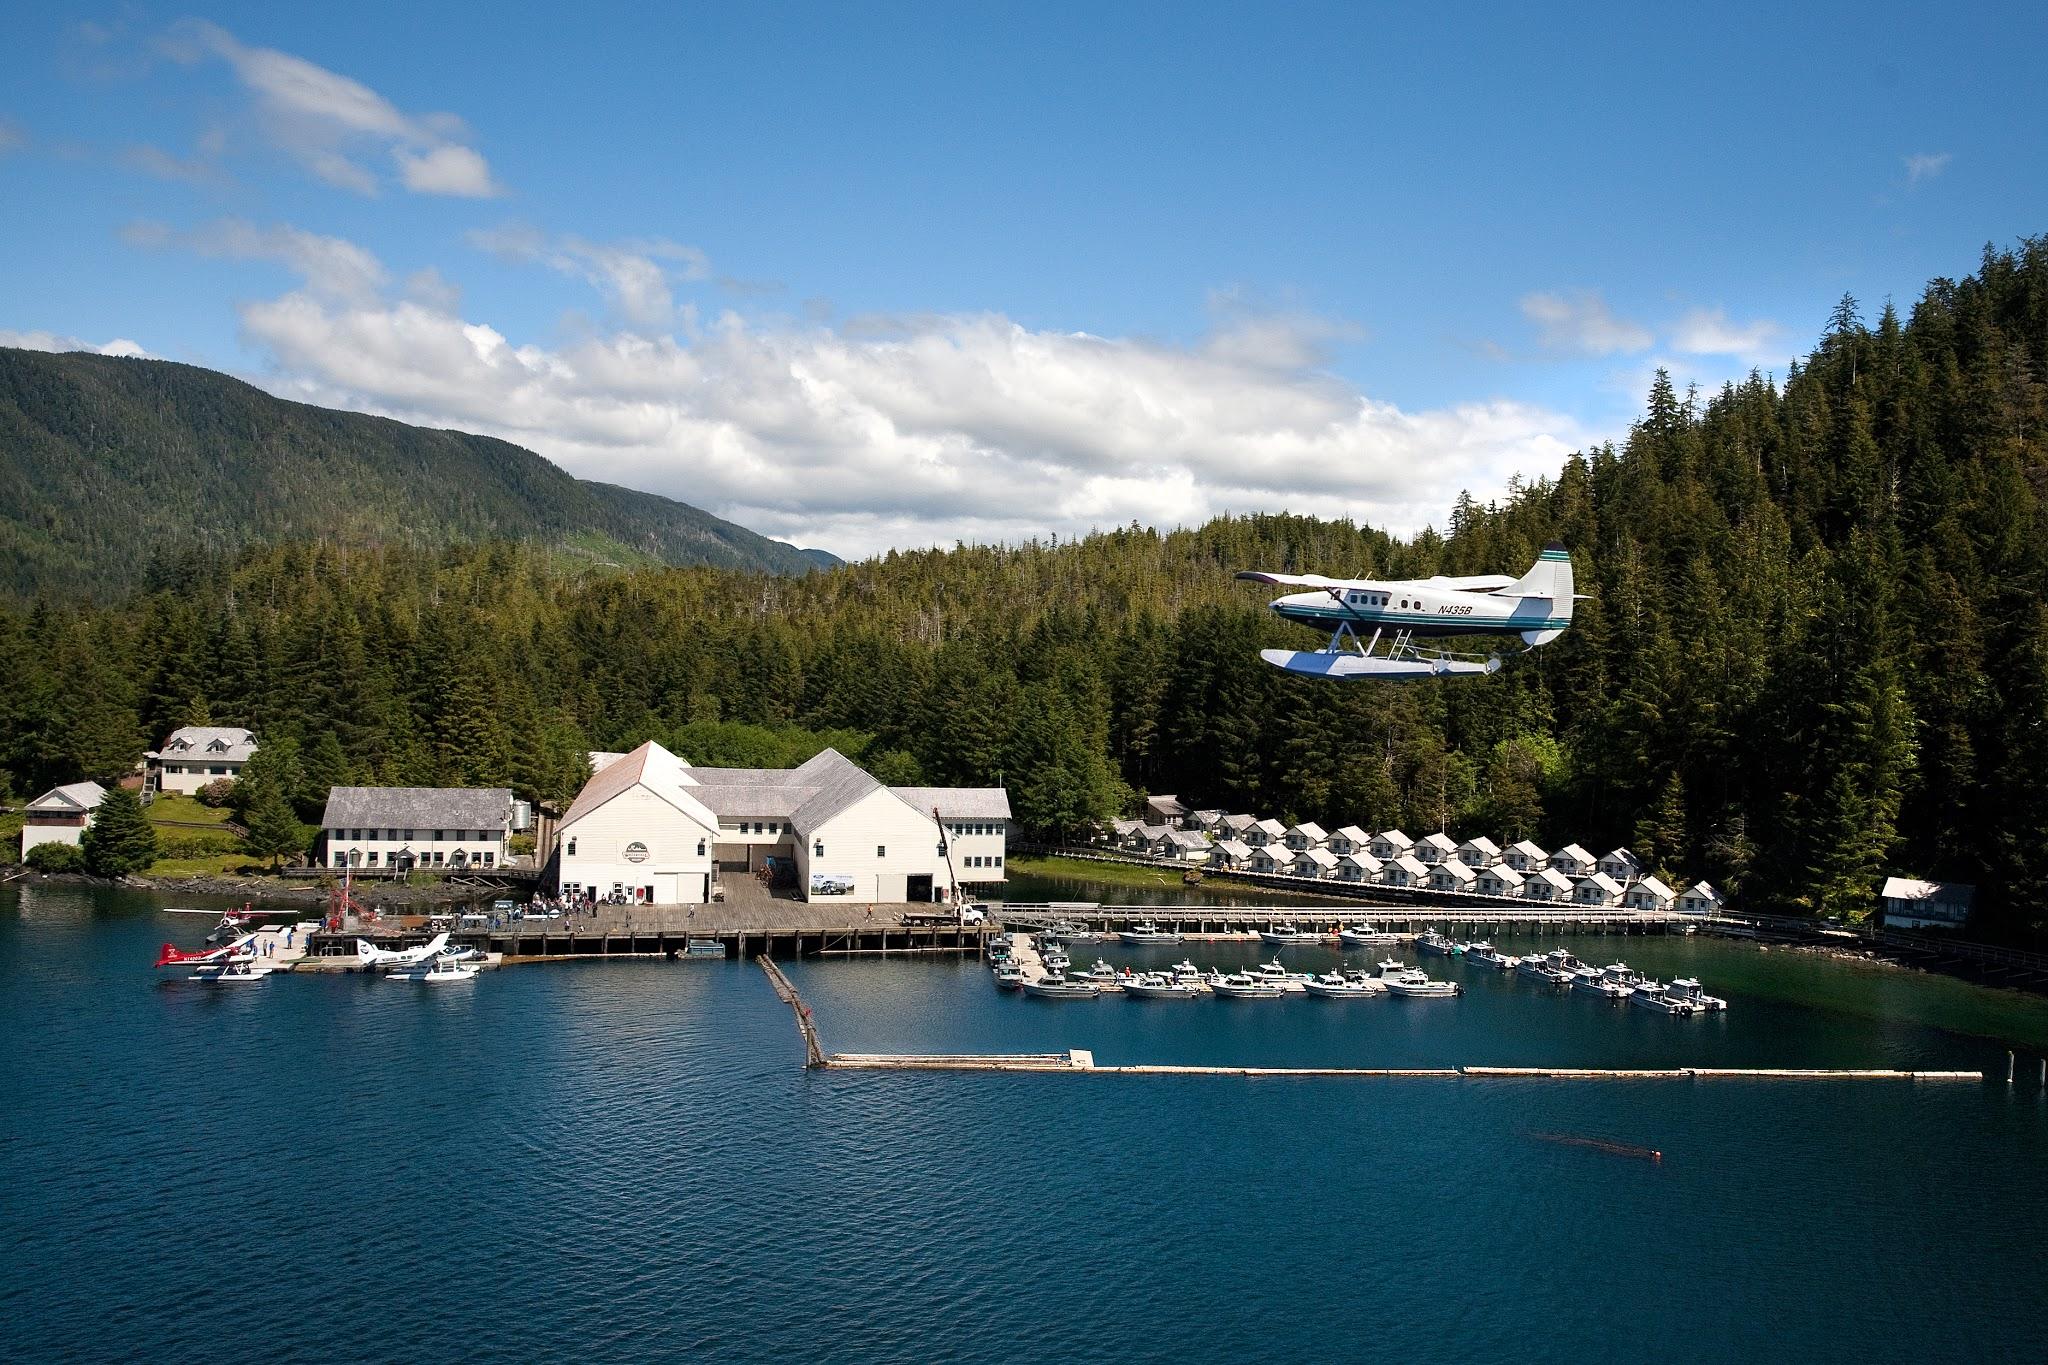 Waterfall Resort Alaska reviews | Fishing at Waterfall Resort Alaska. - Ketchikan AK